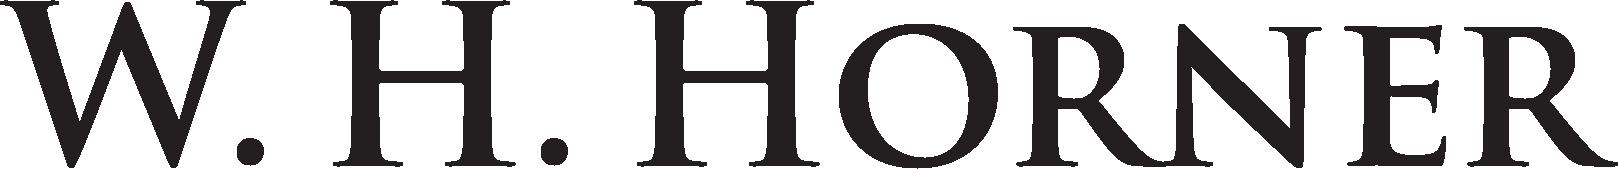 W. H. Horner Logo